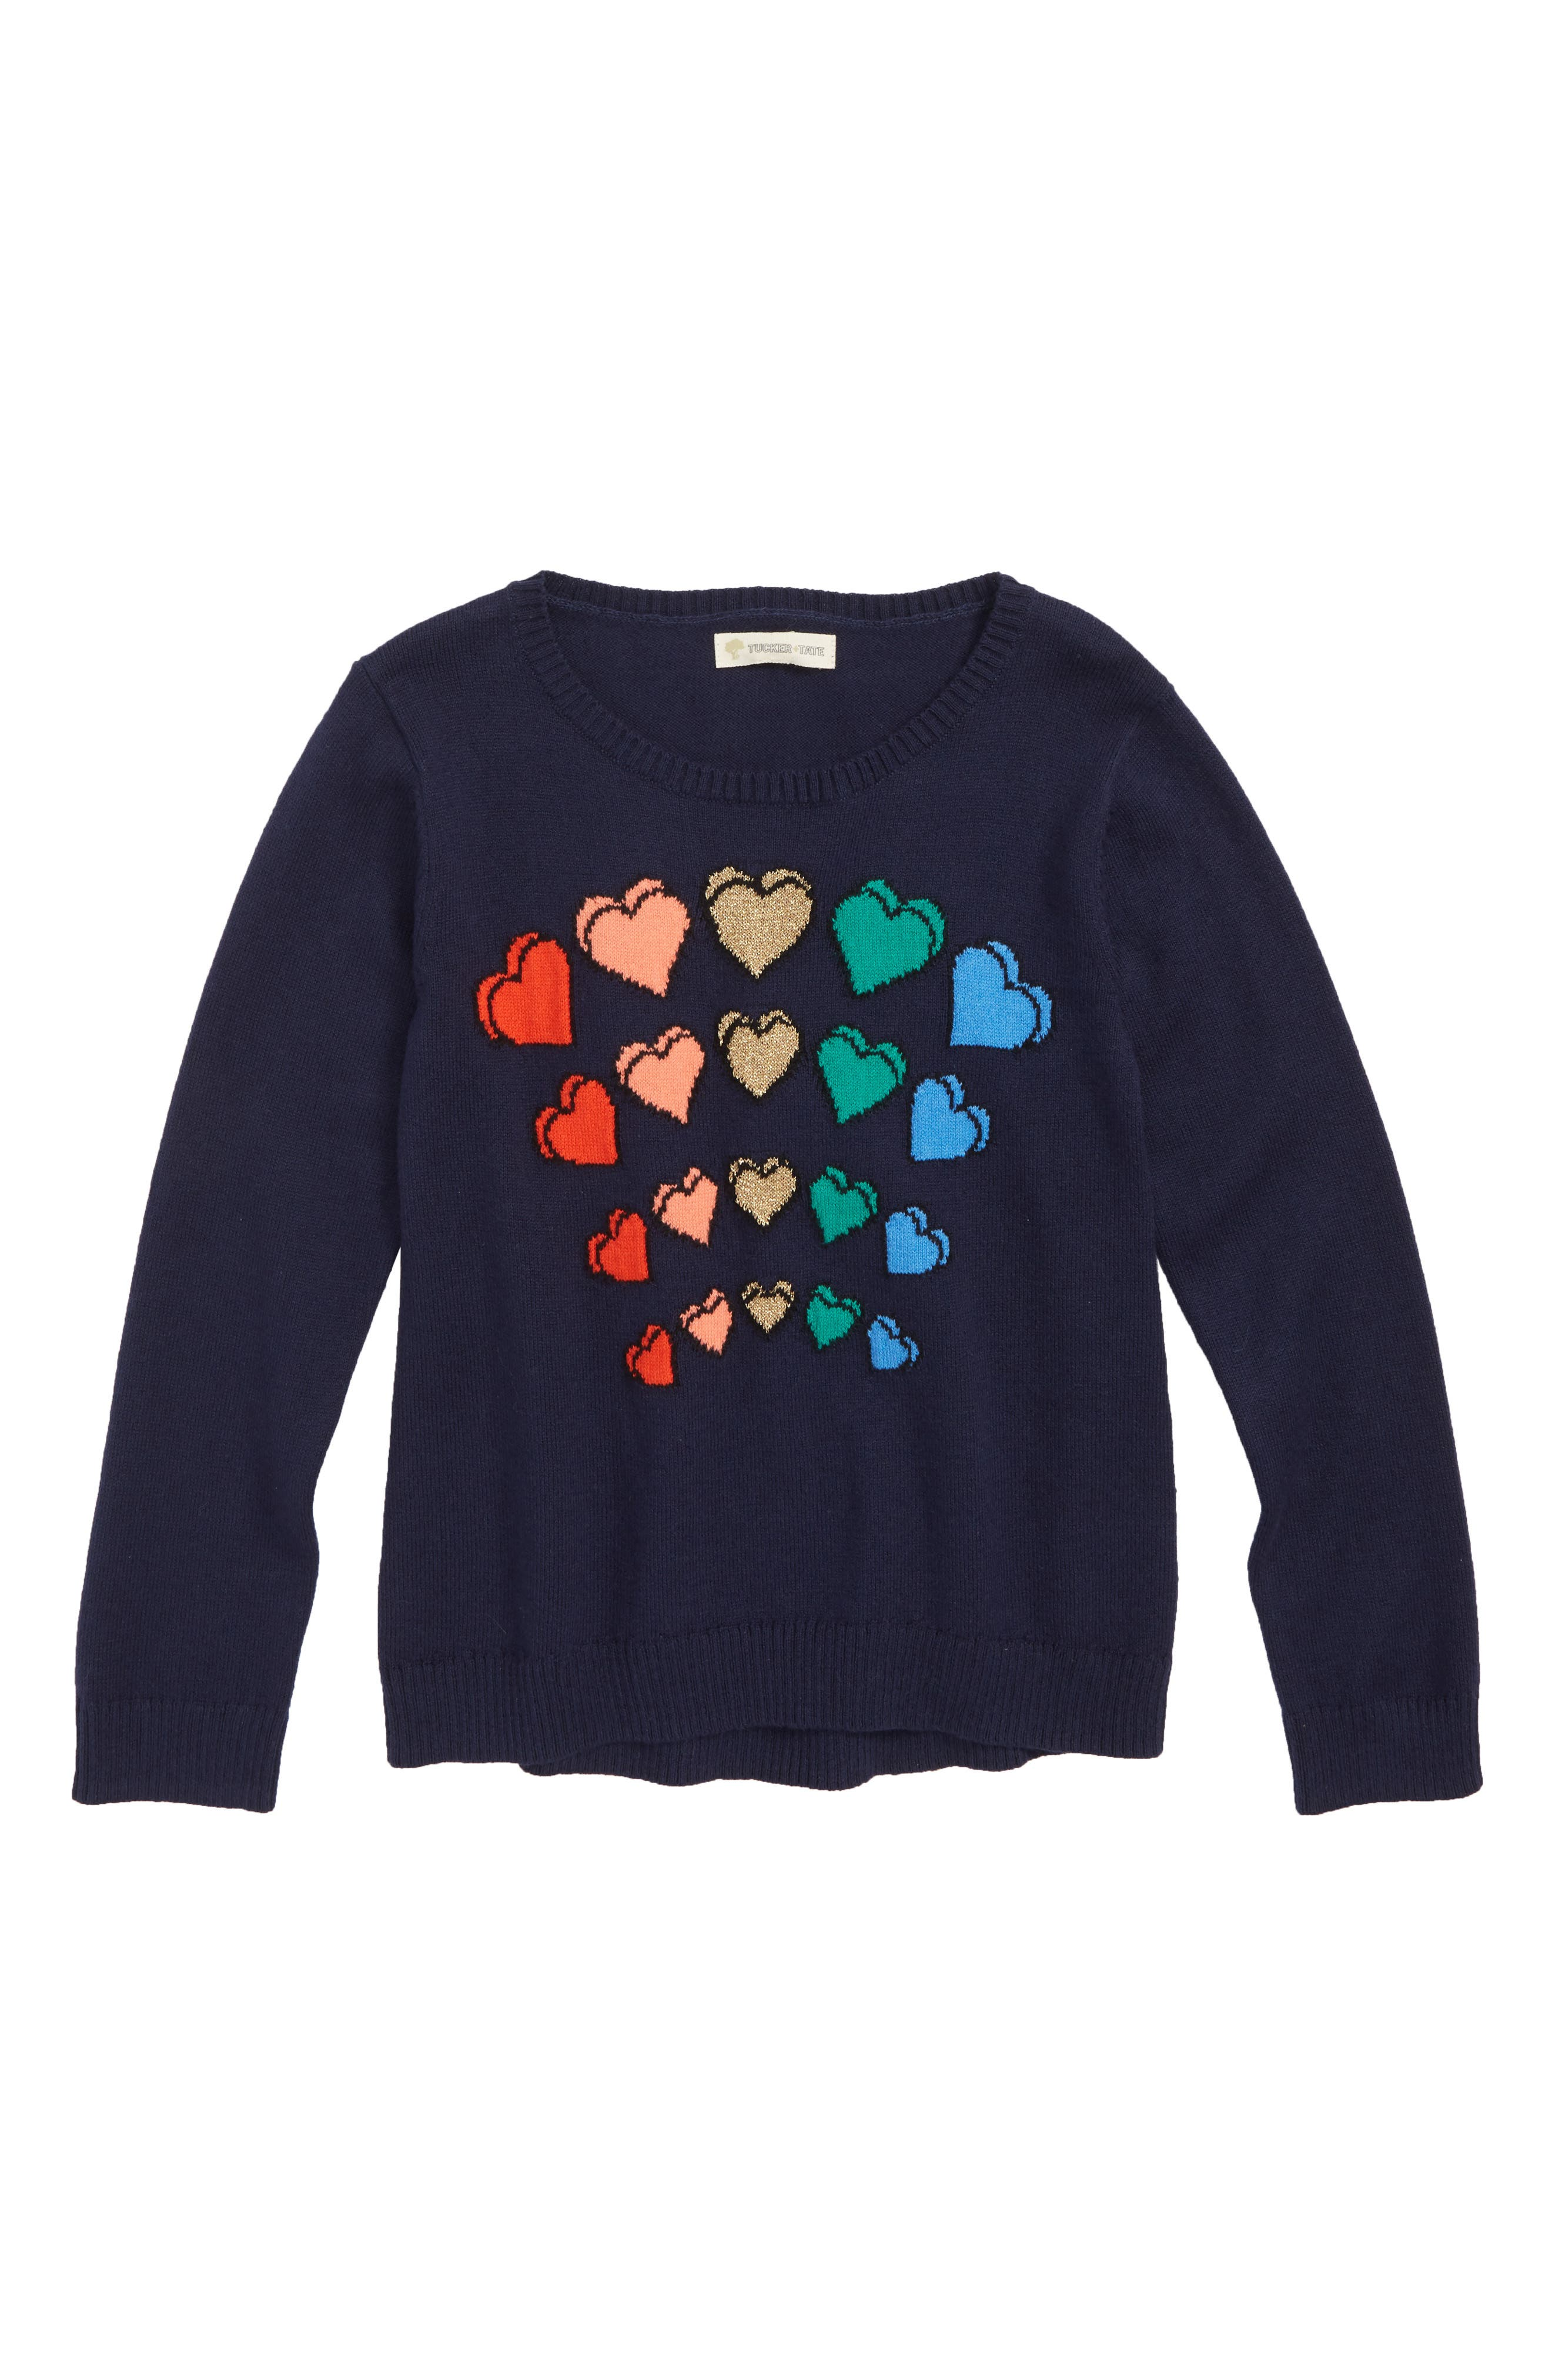 Sparkle Heart Sweater,                         Main,                         color, NAVY PEACOAT RAINBOW HEARTS